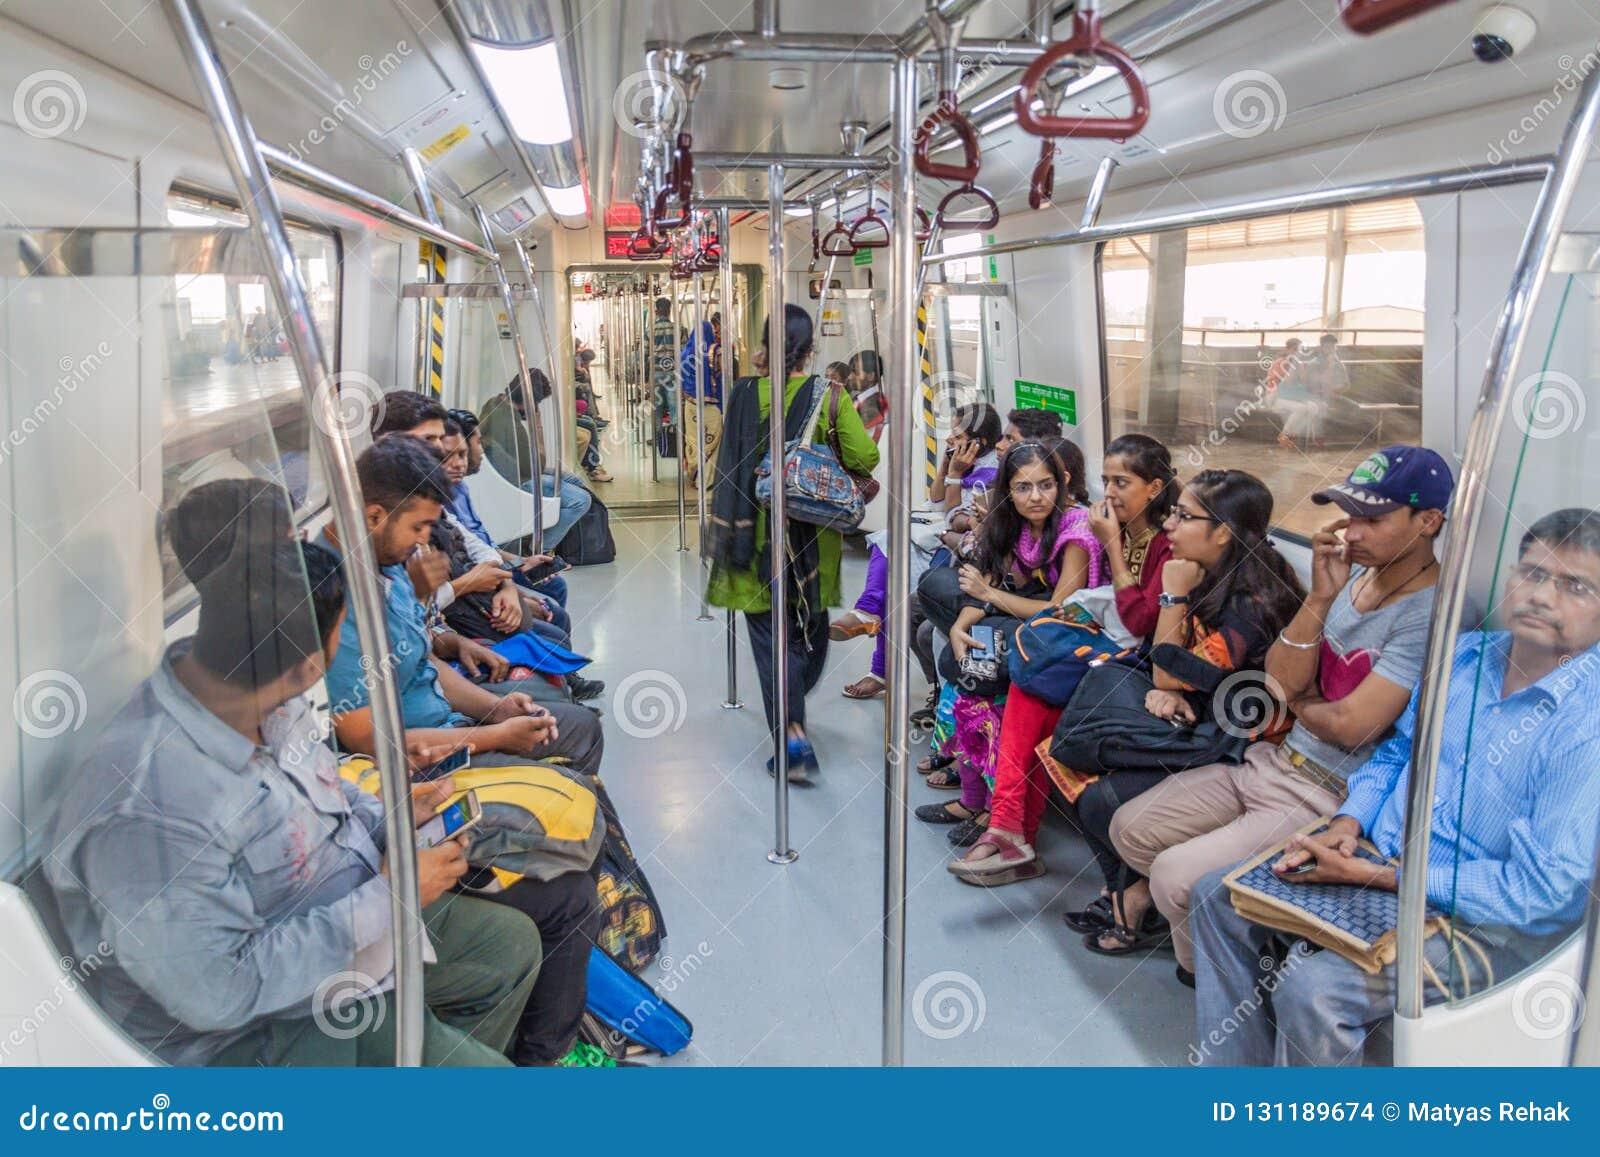 ΔΕΛΧΙ, ΙΝΔΙΑ - 24 ΟΚΤΩΒΡΊΟΥ 2016: Οι επιβάτες οδηγούν στο μετρό του Δελχί, Indi